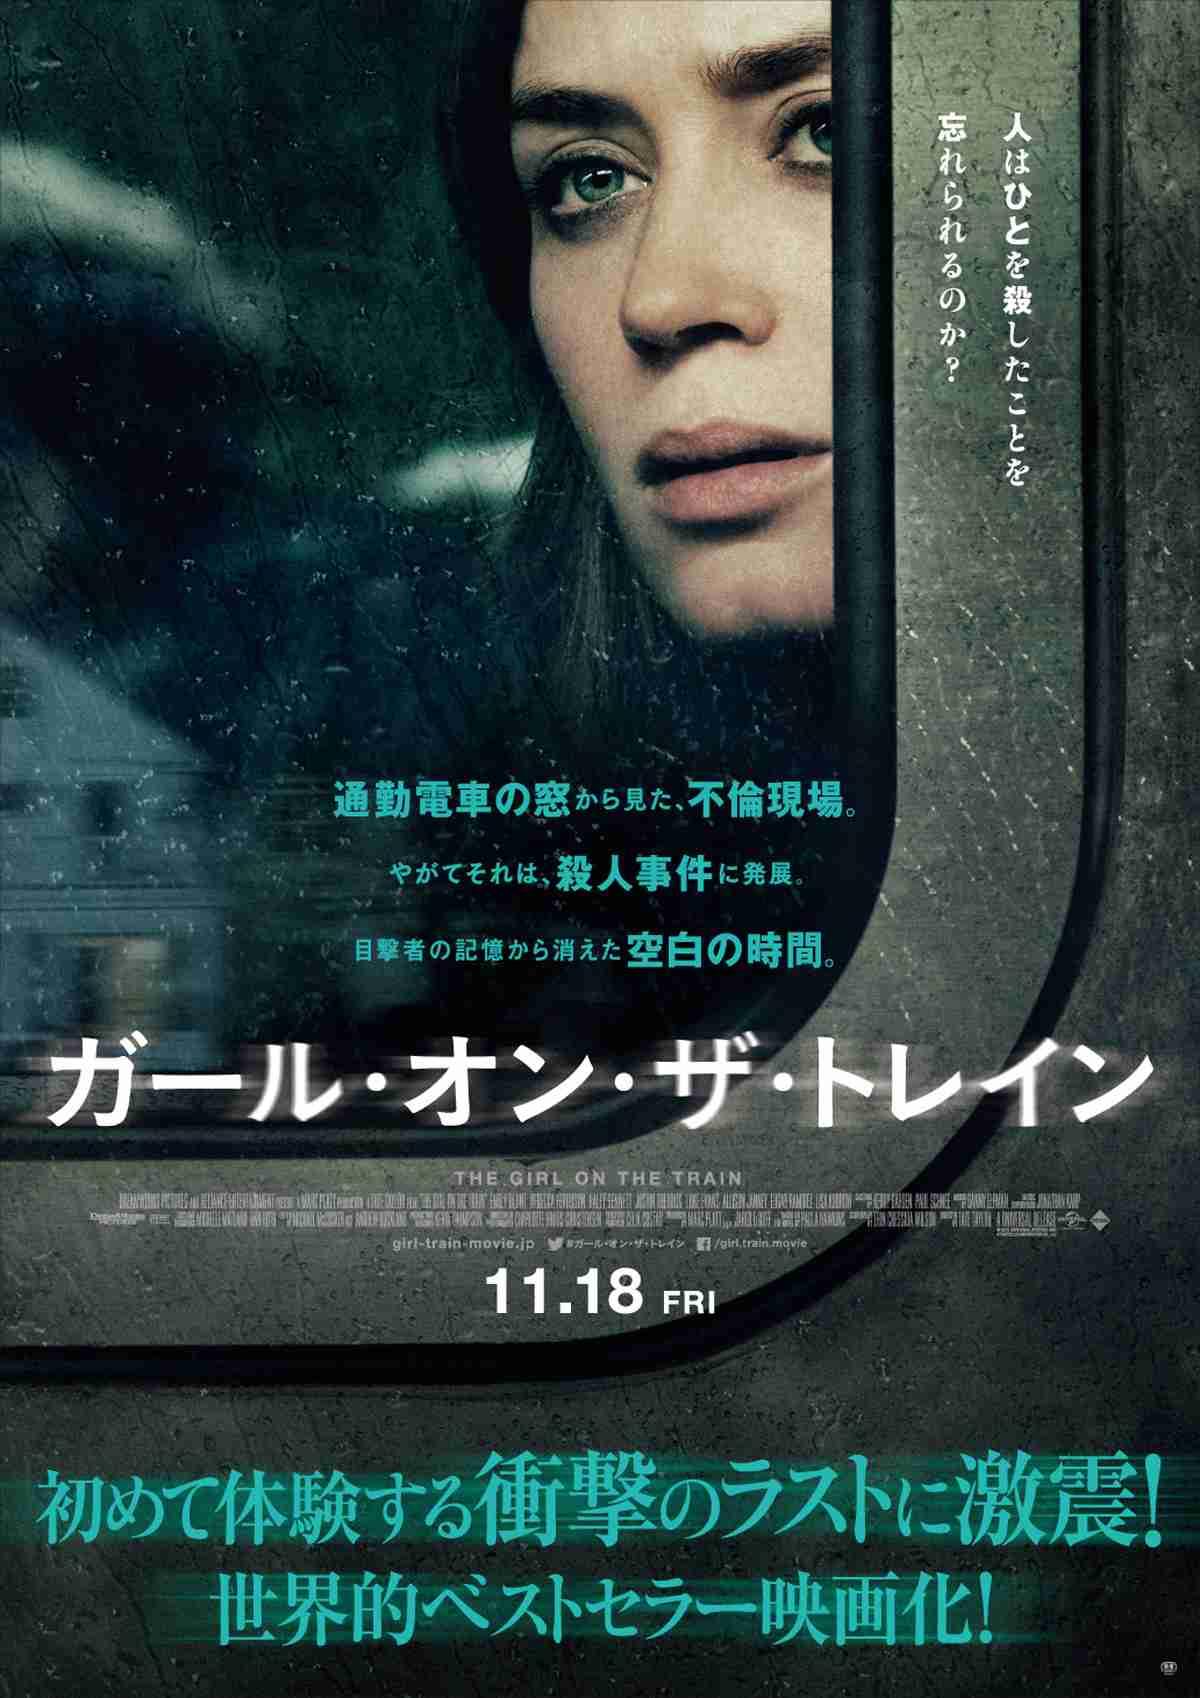 ガール・オン・ザ・トレイン - 作品 - Yahoo!映画